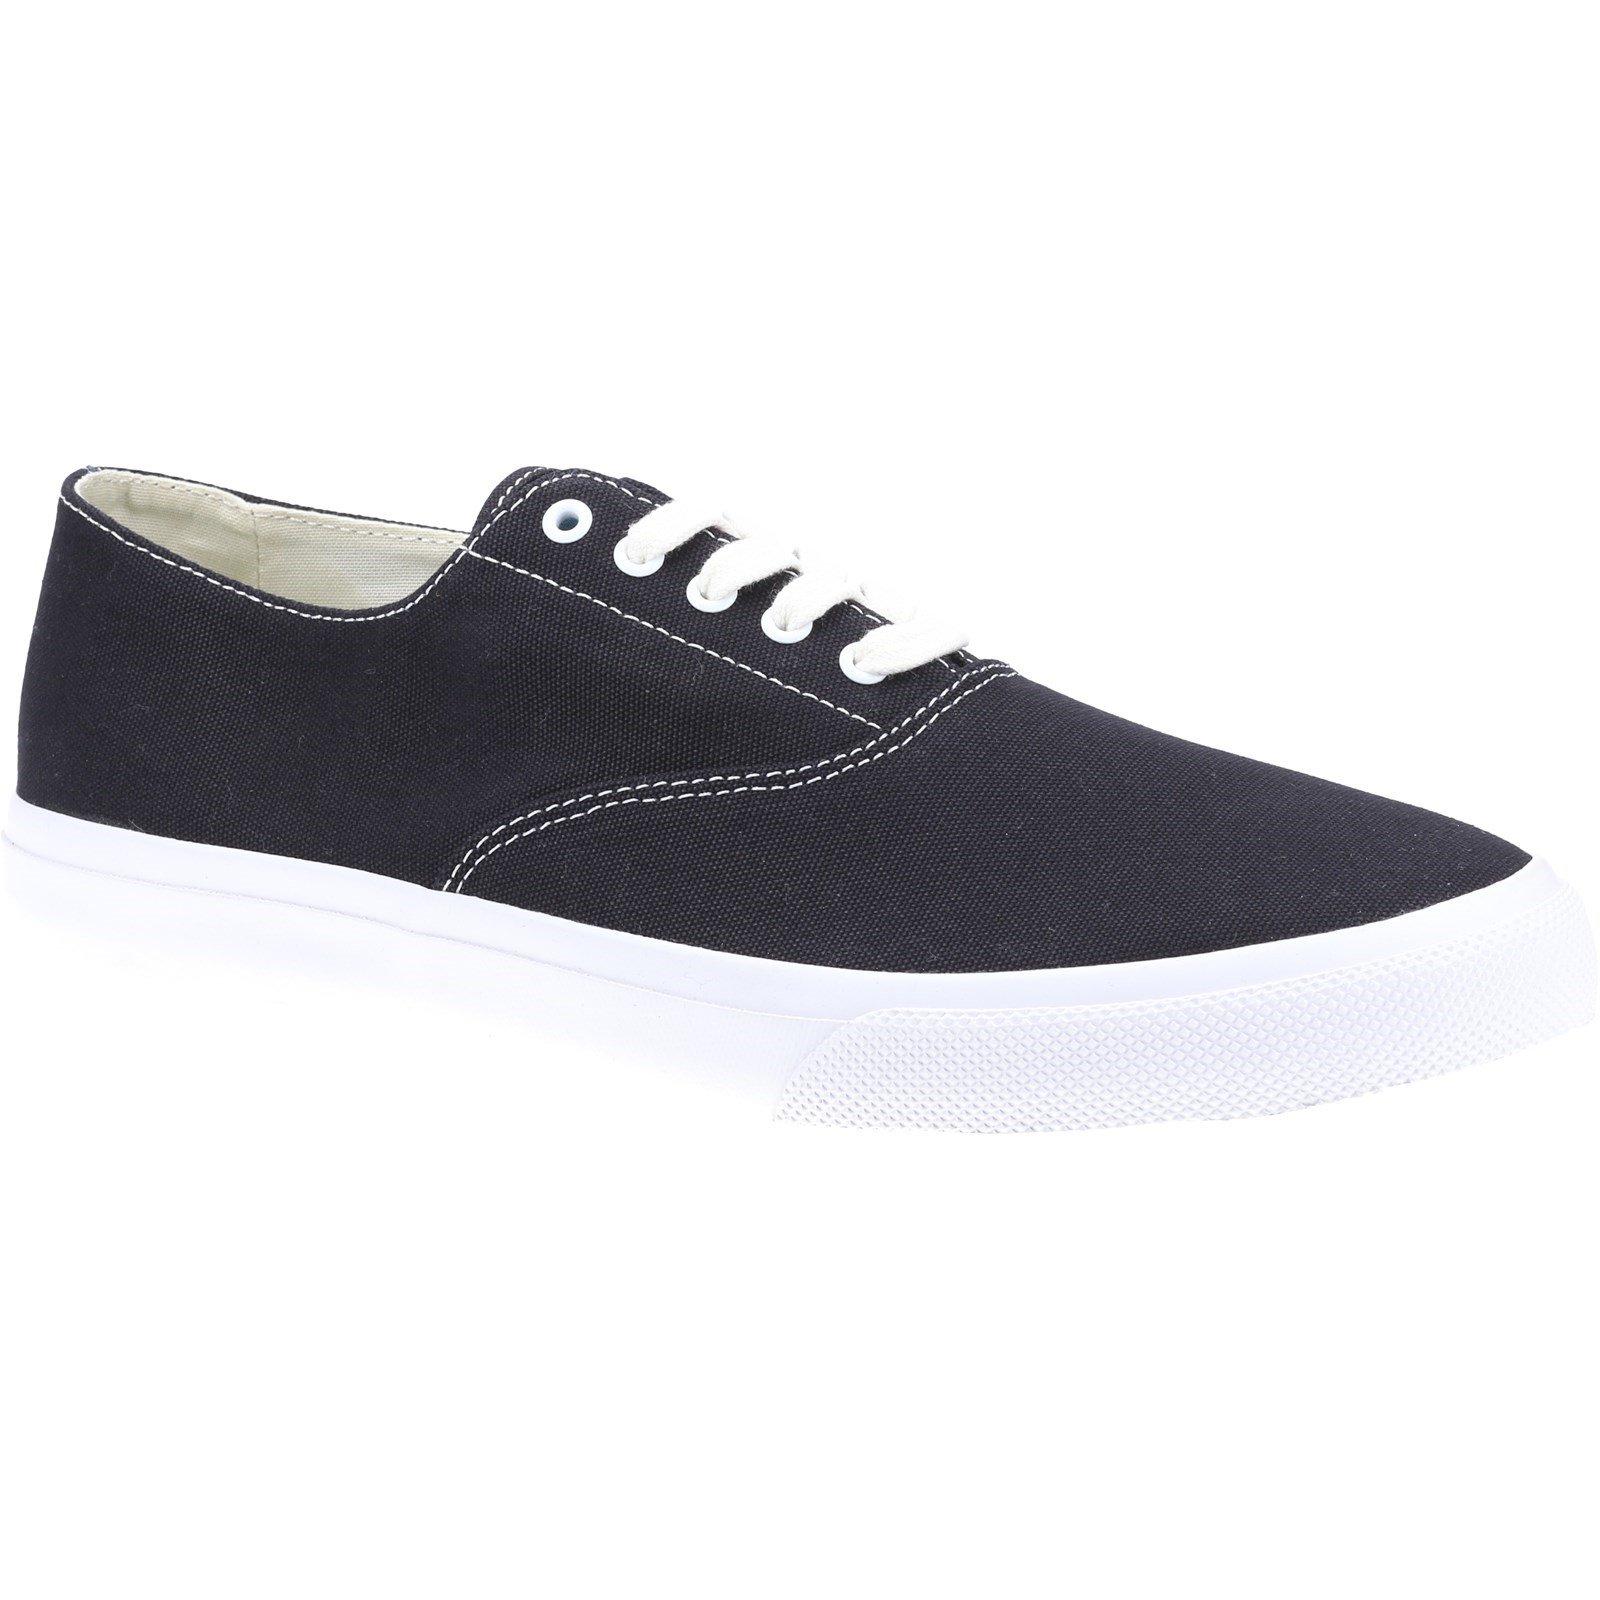 Sperry Men's Cloud CVO Boat Shoe Various Colours 33537 - Black 8